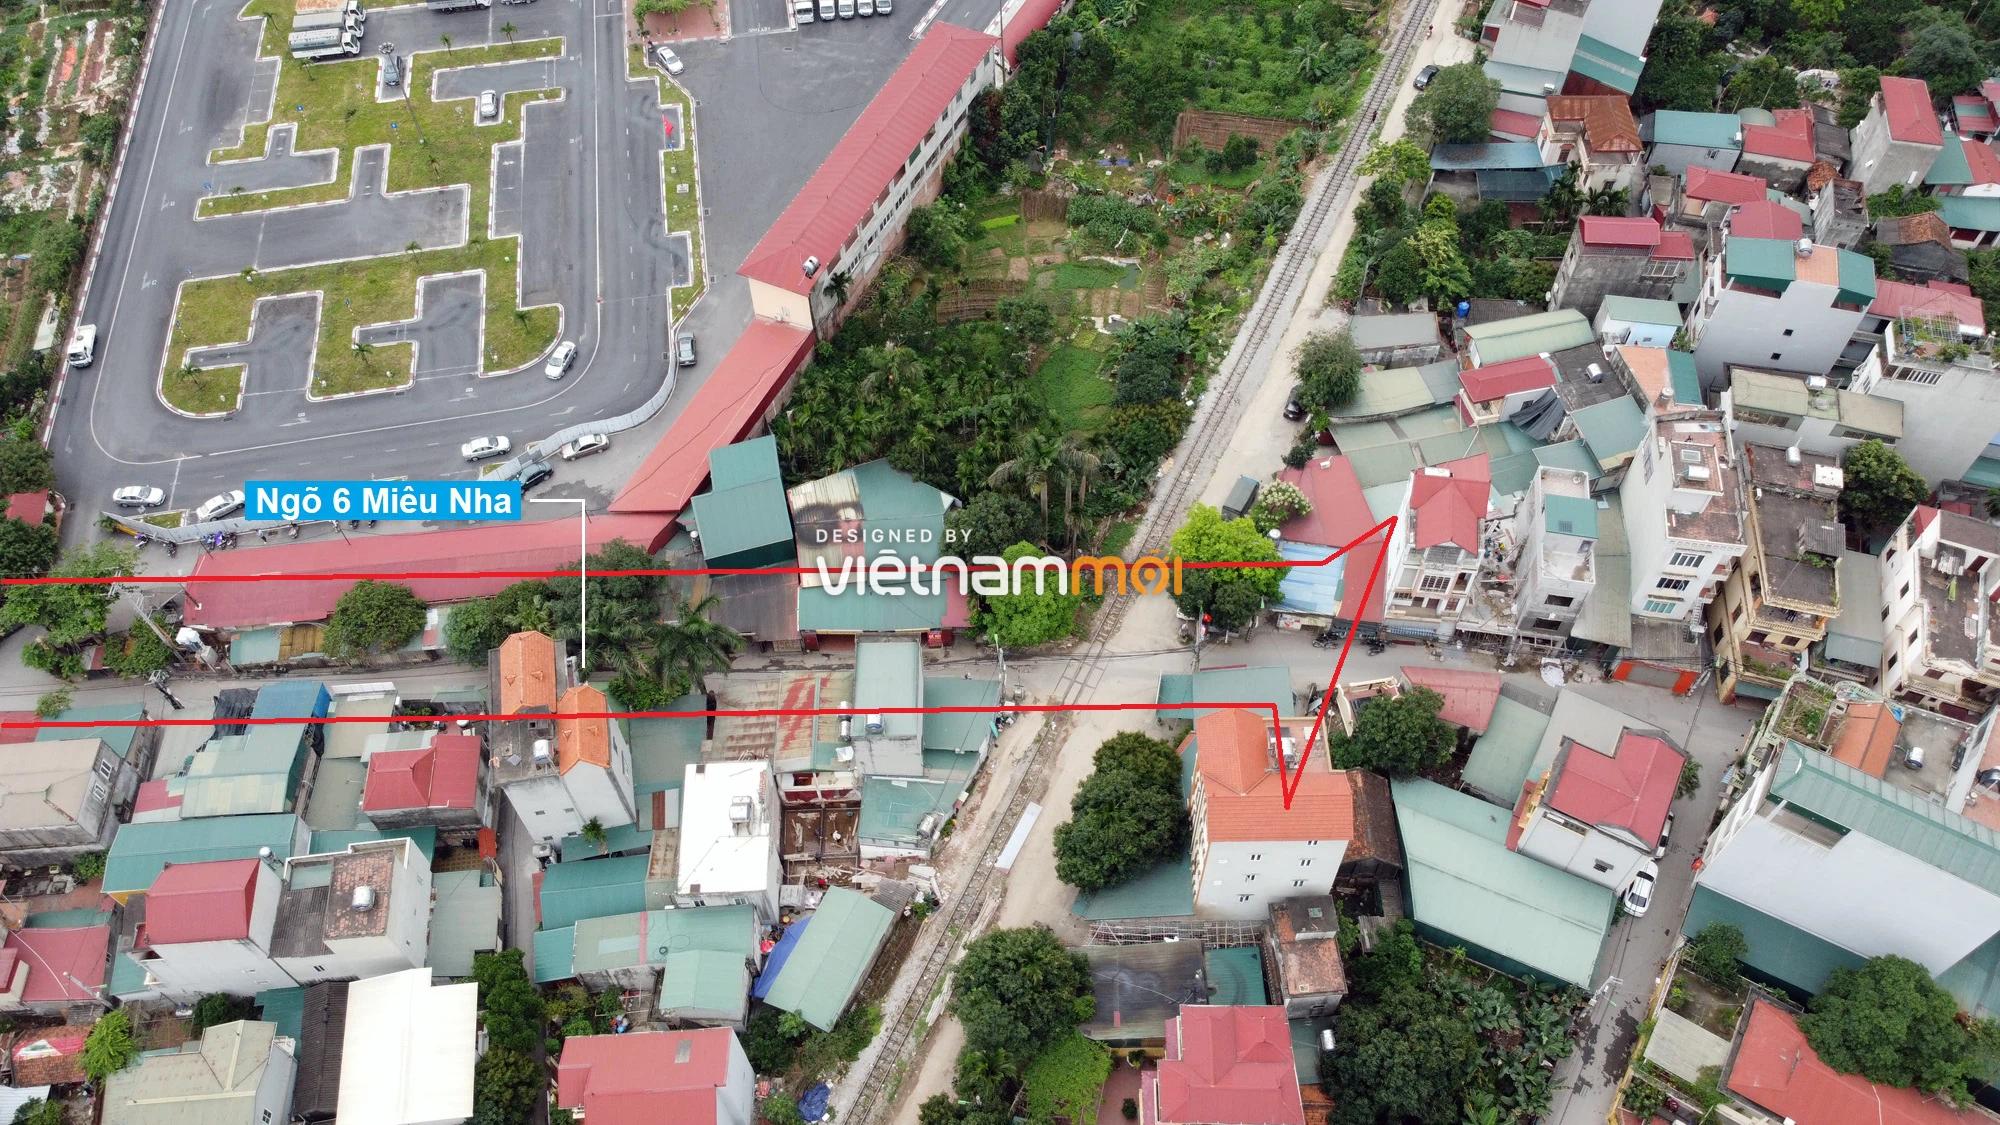 Những khu đất sắp thu hồi để mở đường ở phường Tây Mỗ, Nam Từ Liêm, Hà Nội (phần 5) - Ảnh 5.